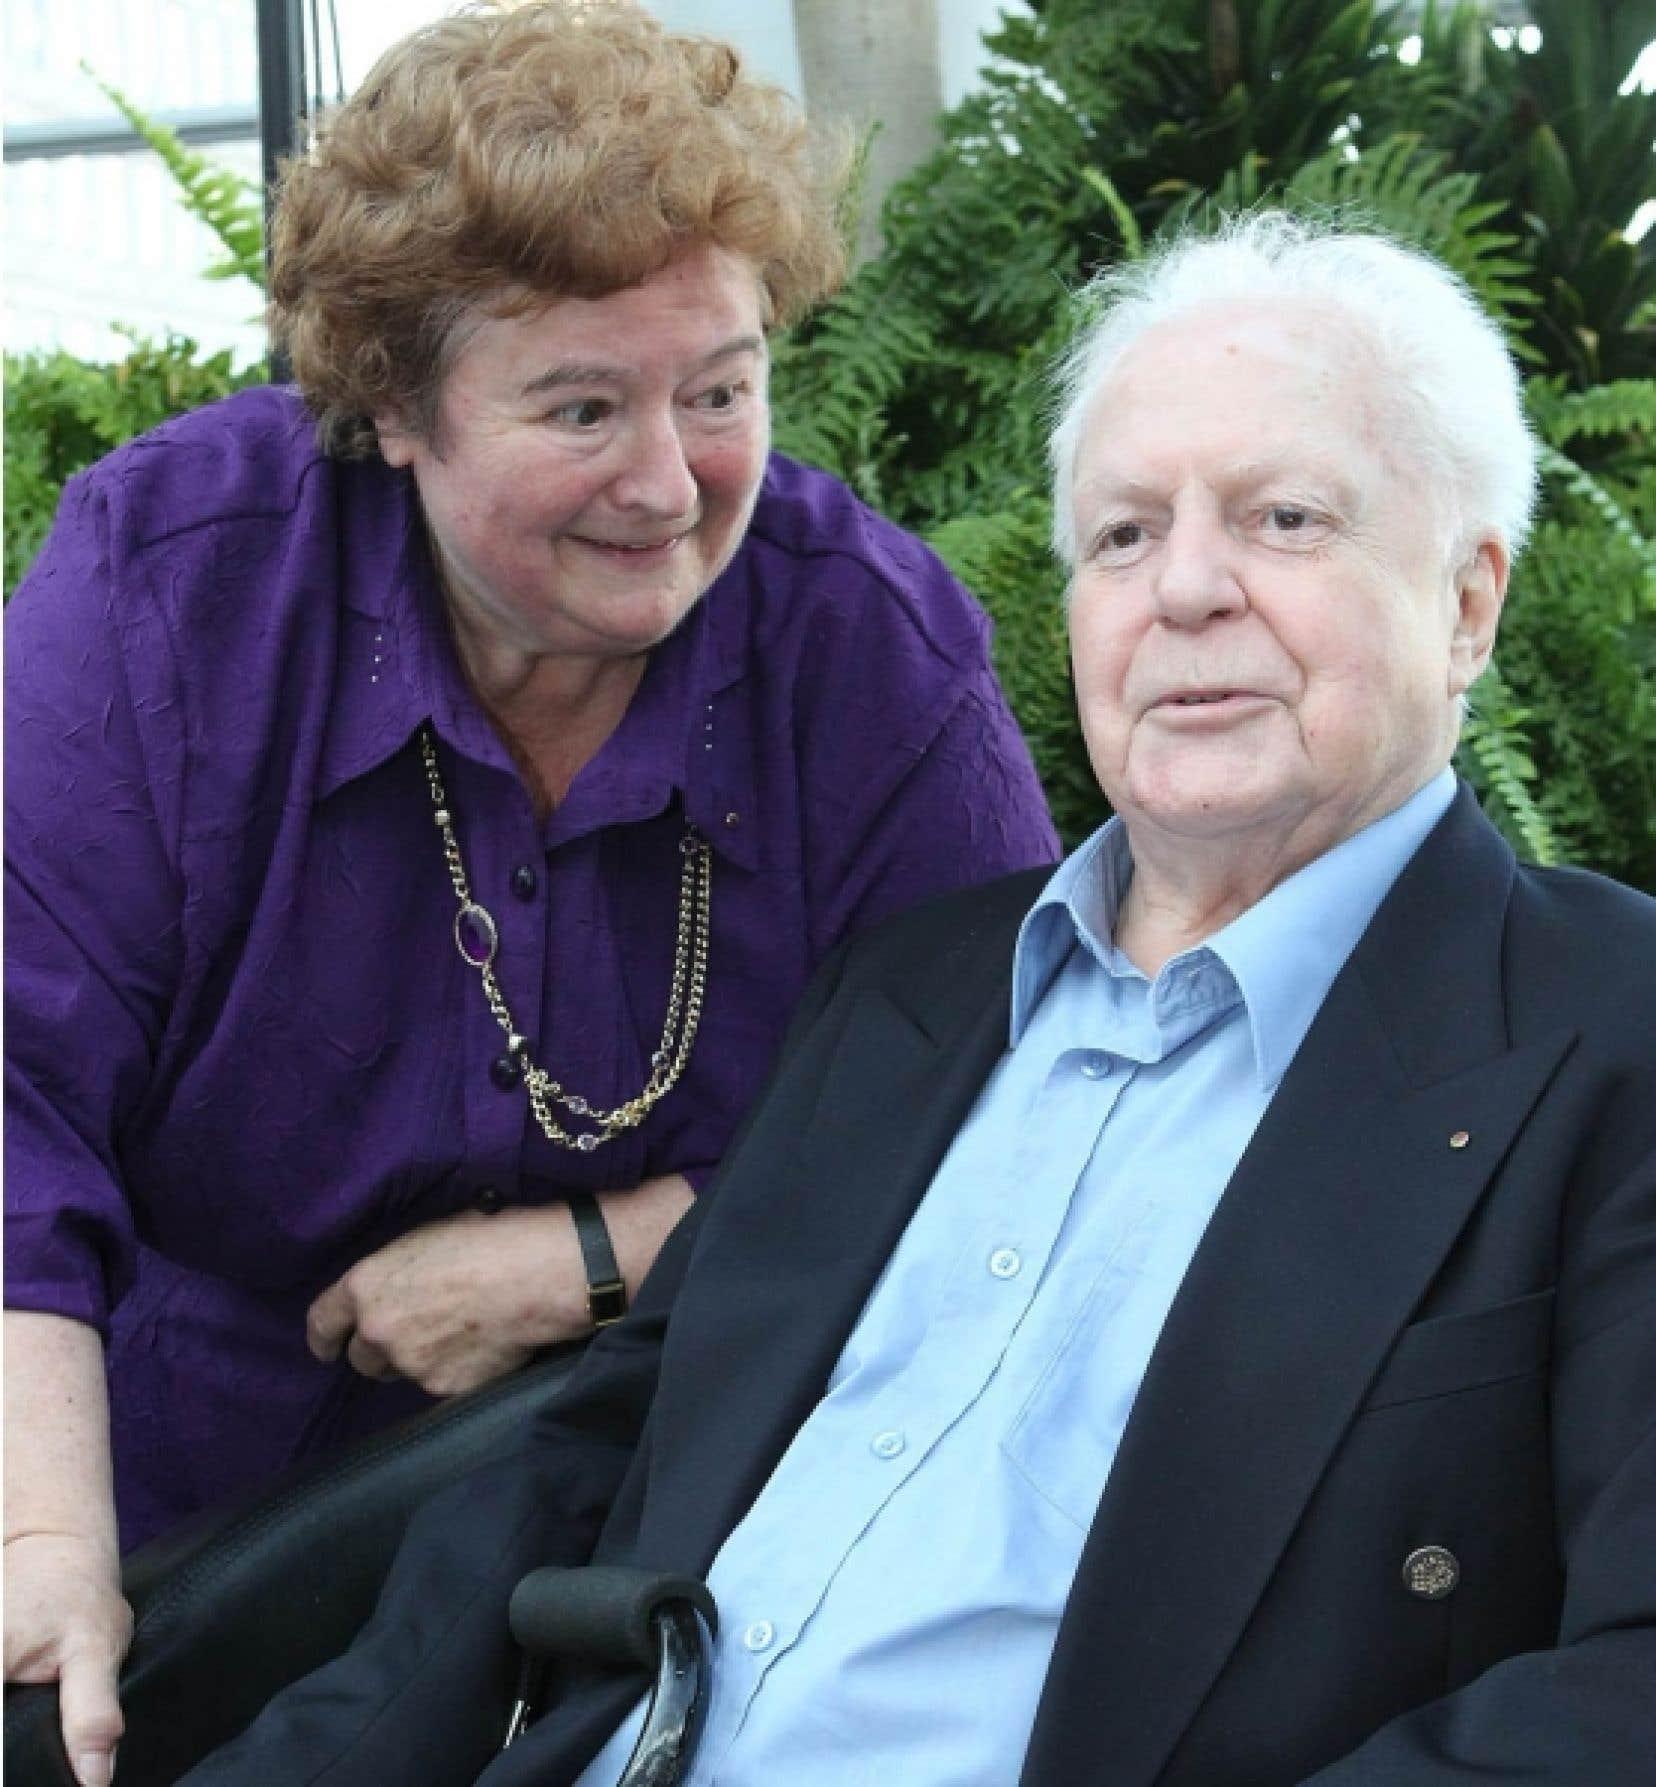 Jean-Marc L&eacute;ger fut honor&eacute; en mai dernier pour le r&ocirc;le essentiel qu&rsquo;il a jou&eacute; dans l&rsquo;essor de la Francophonie. On le voit ici aux c&ocirc;t&eacute;s de son &eacute;pouse, Anne-Marie Ramet.<br />